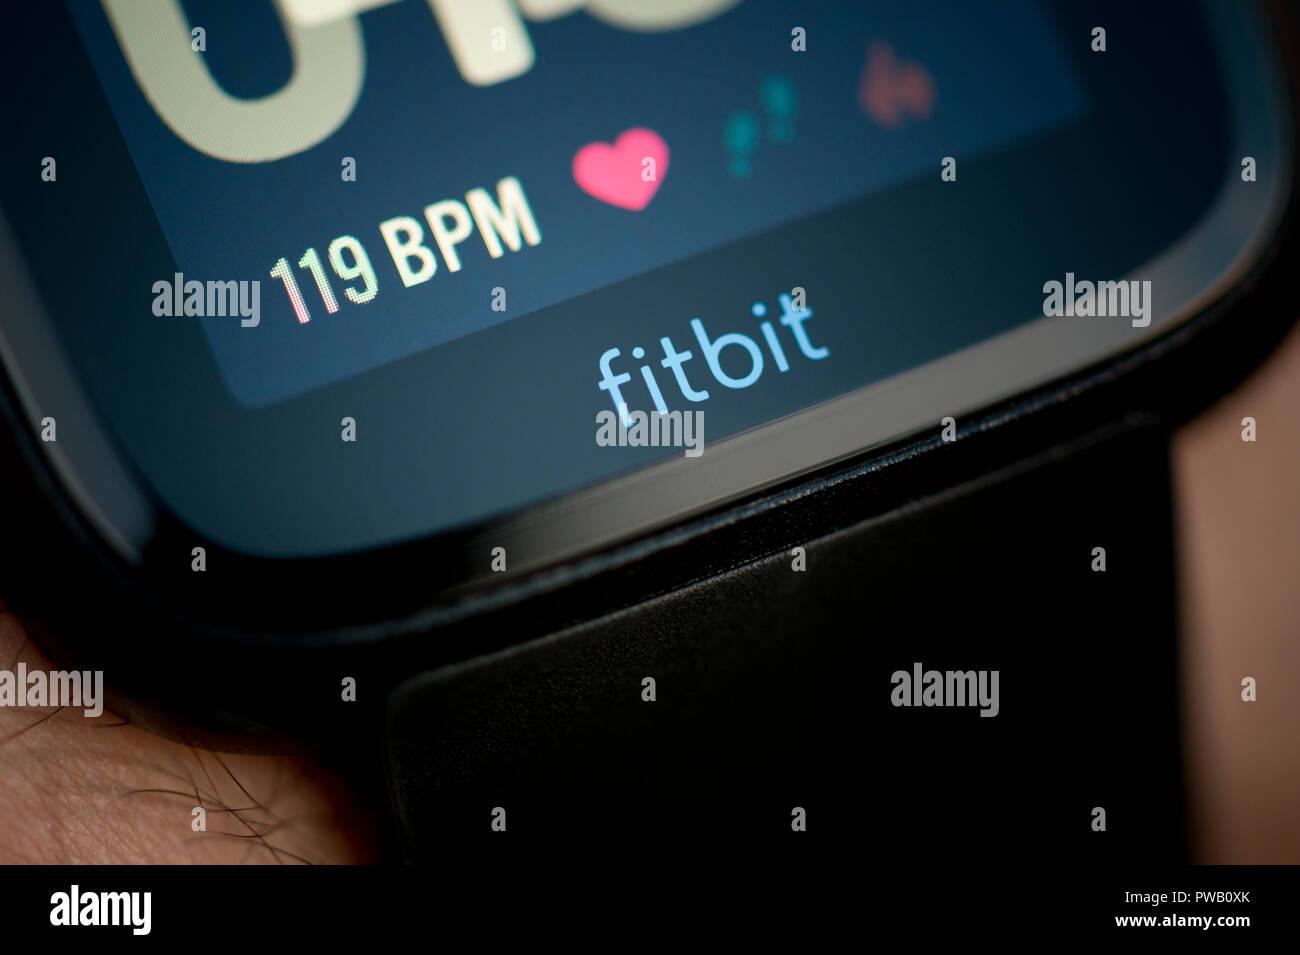 Ein Männer umgekehrt Aktivität überprüft seine Fitbit tracker Einschließlich Herzfrequenzsensor mit BPM-Einheiten während einer Übung Training überwachen. Stockfoto